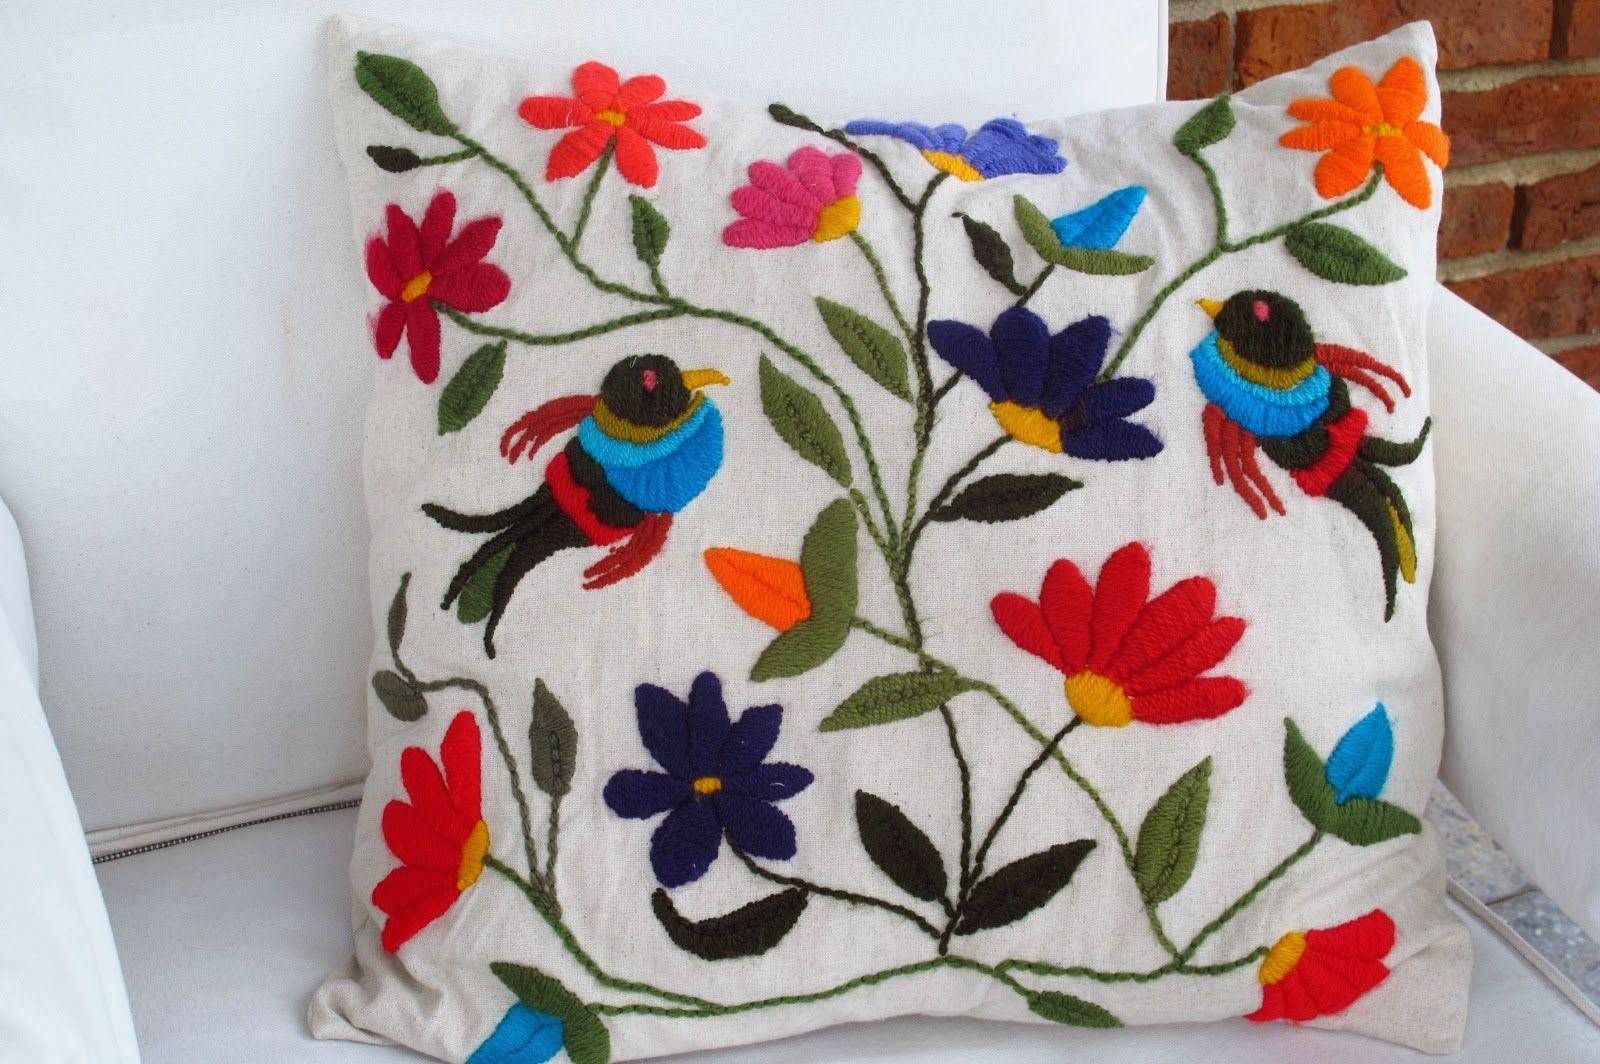 Patrones para bordado mexicano buscar con google for Como hacer alfombras en bordado chino